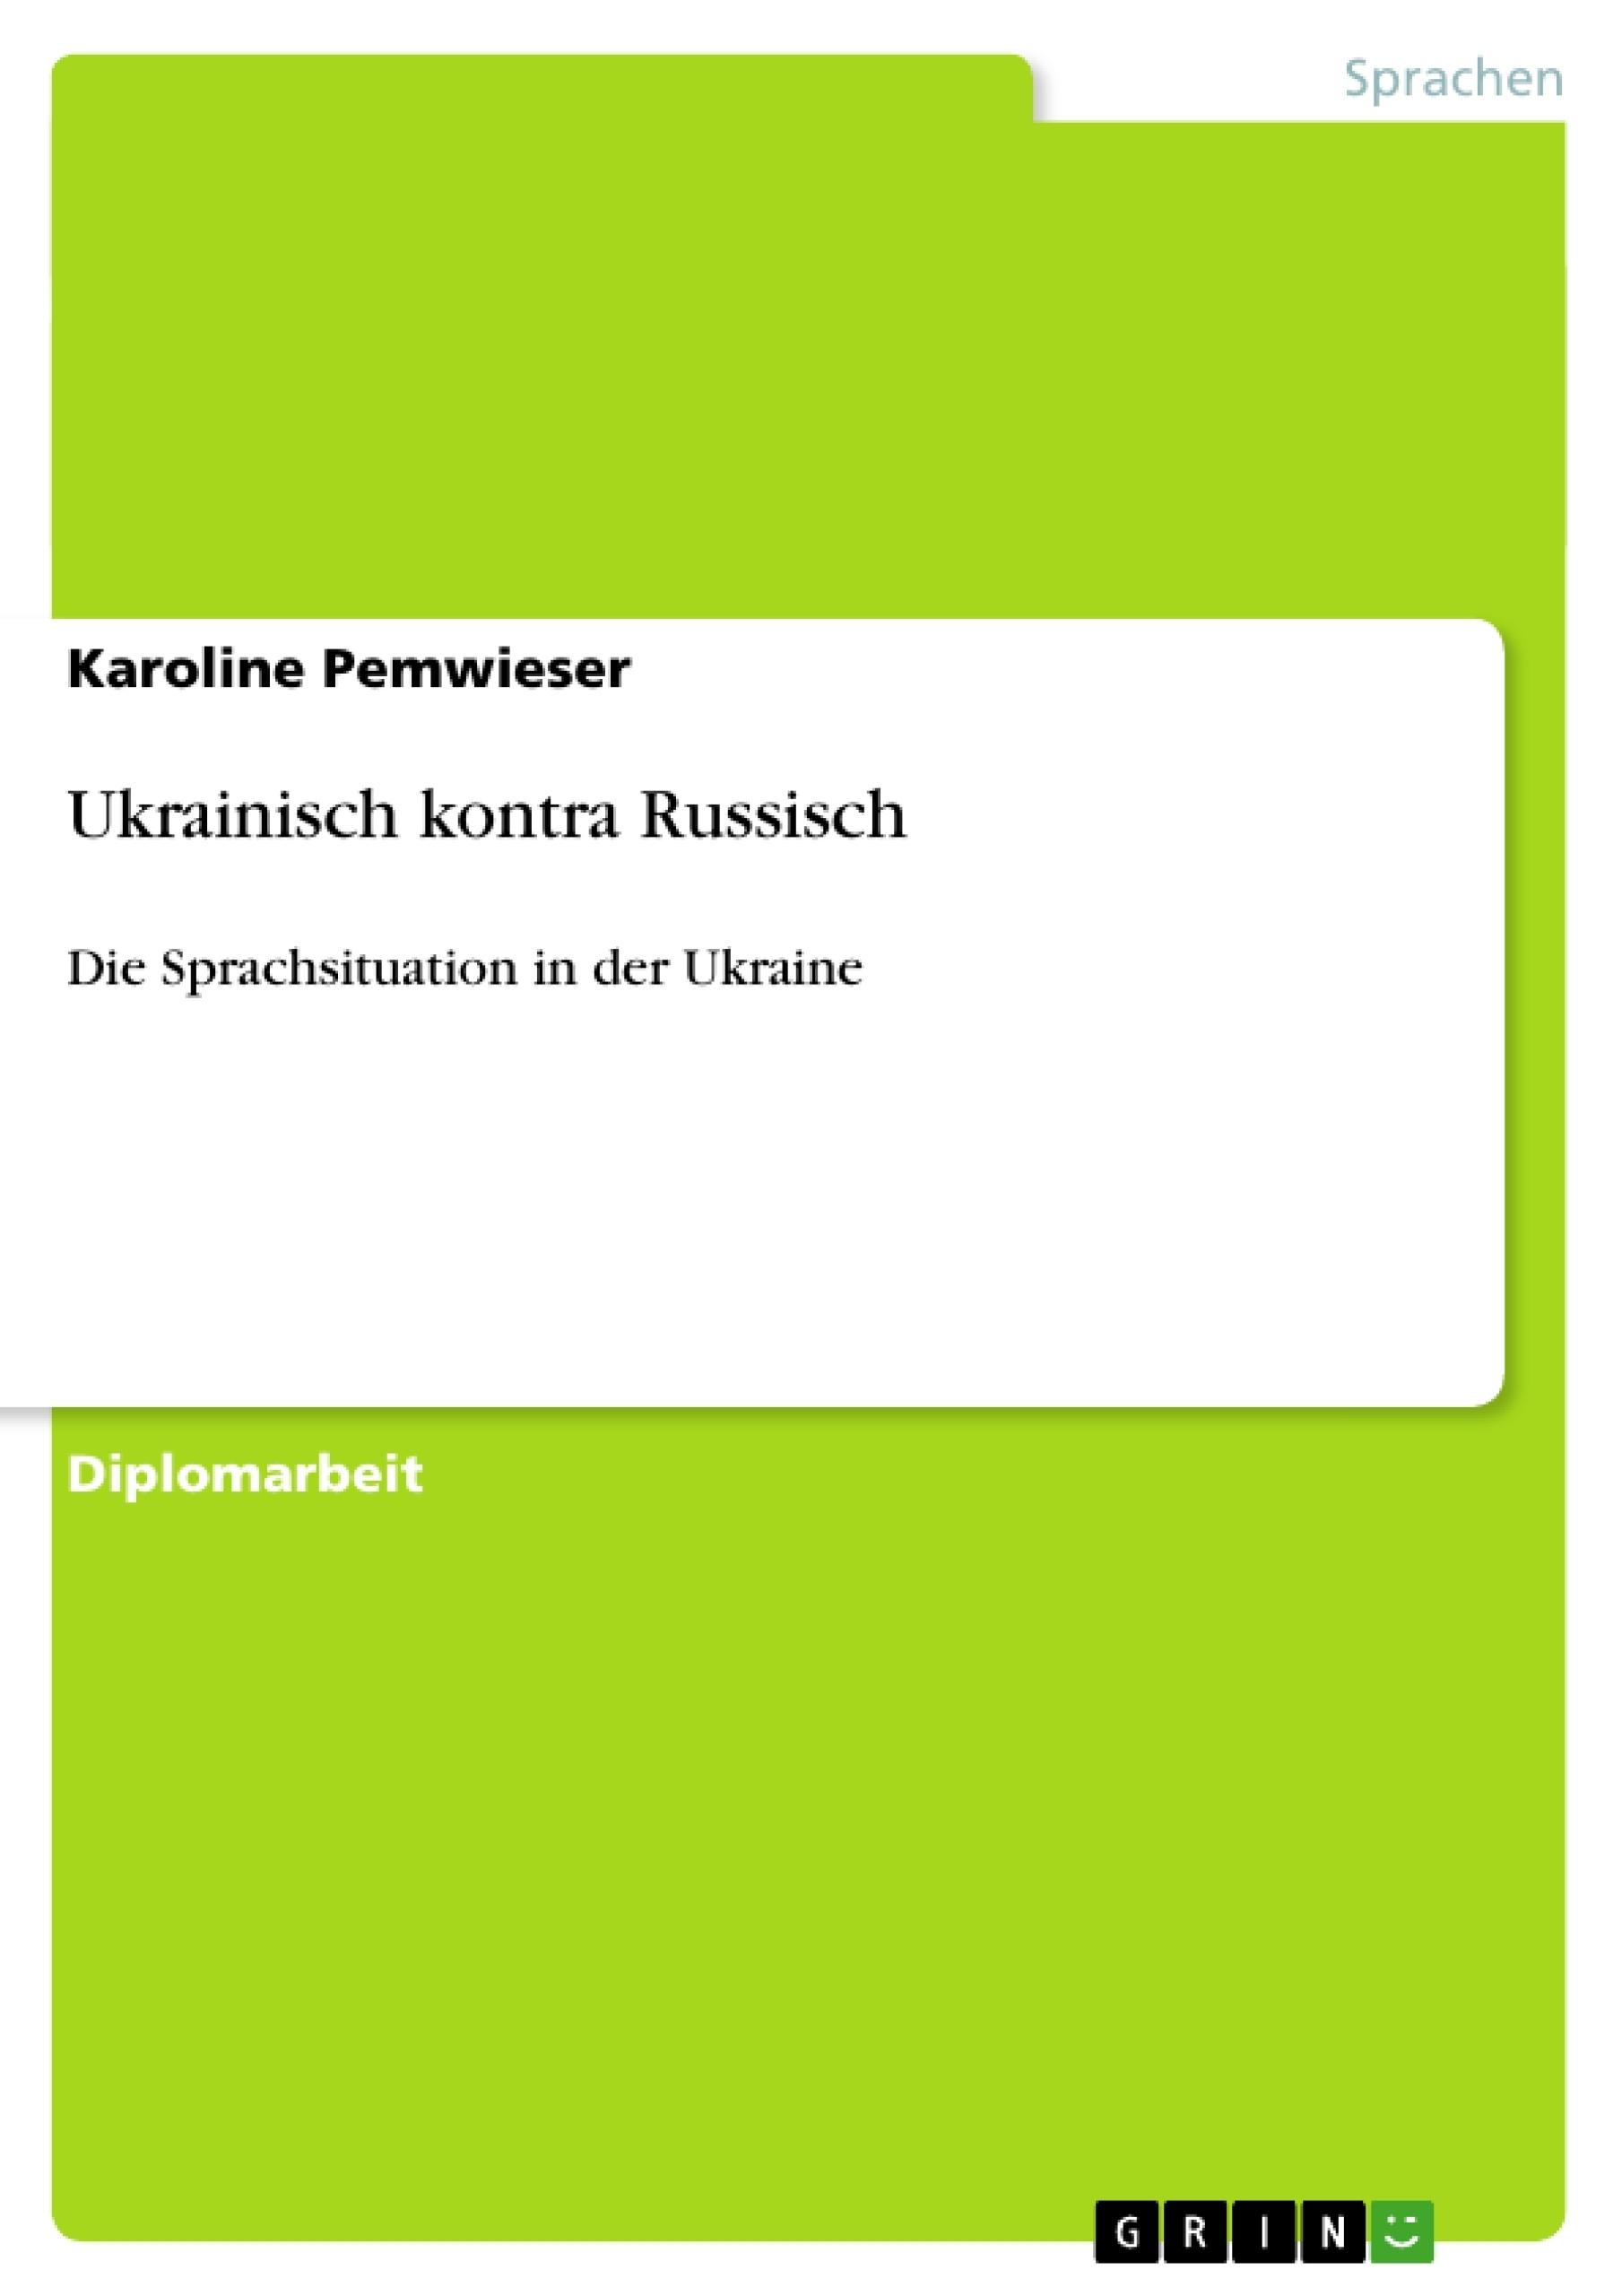 Titel: Ukrainisch kontra Russisch